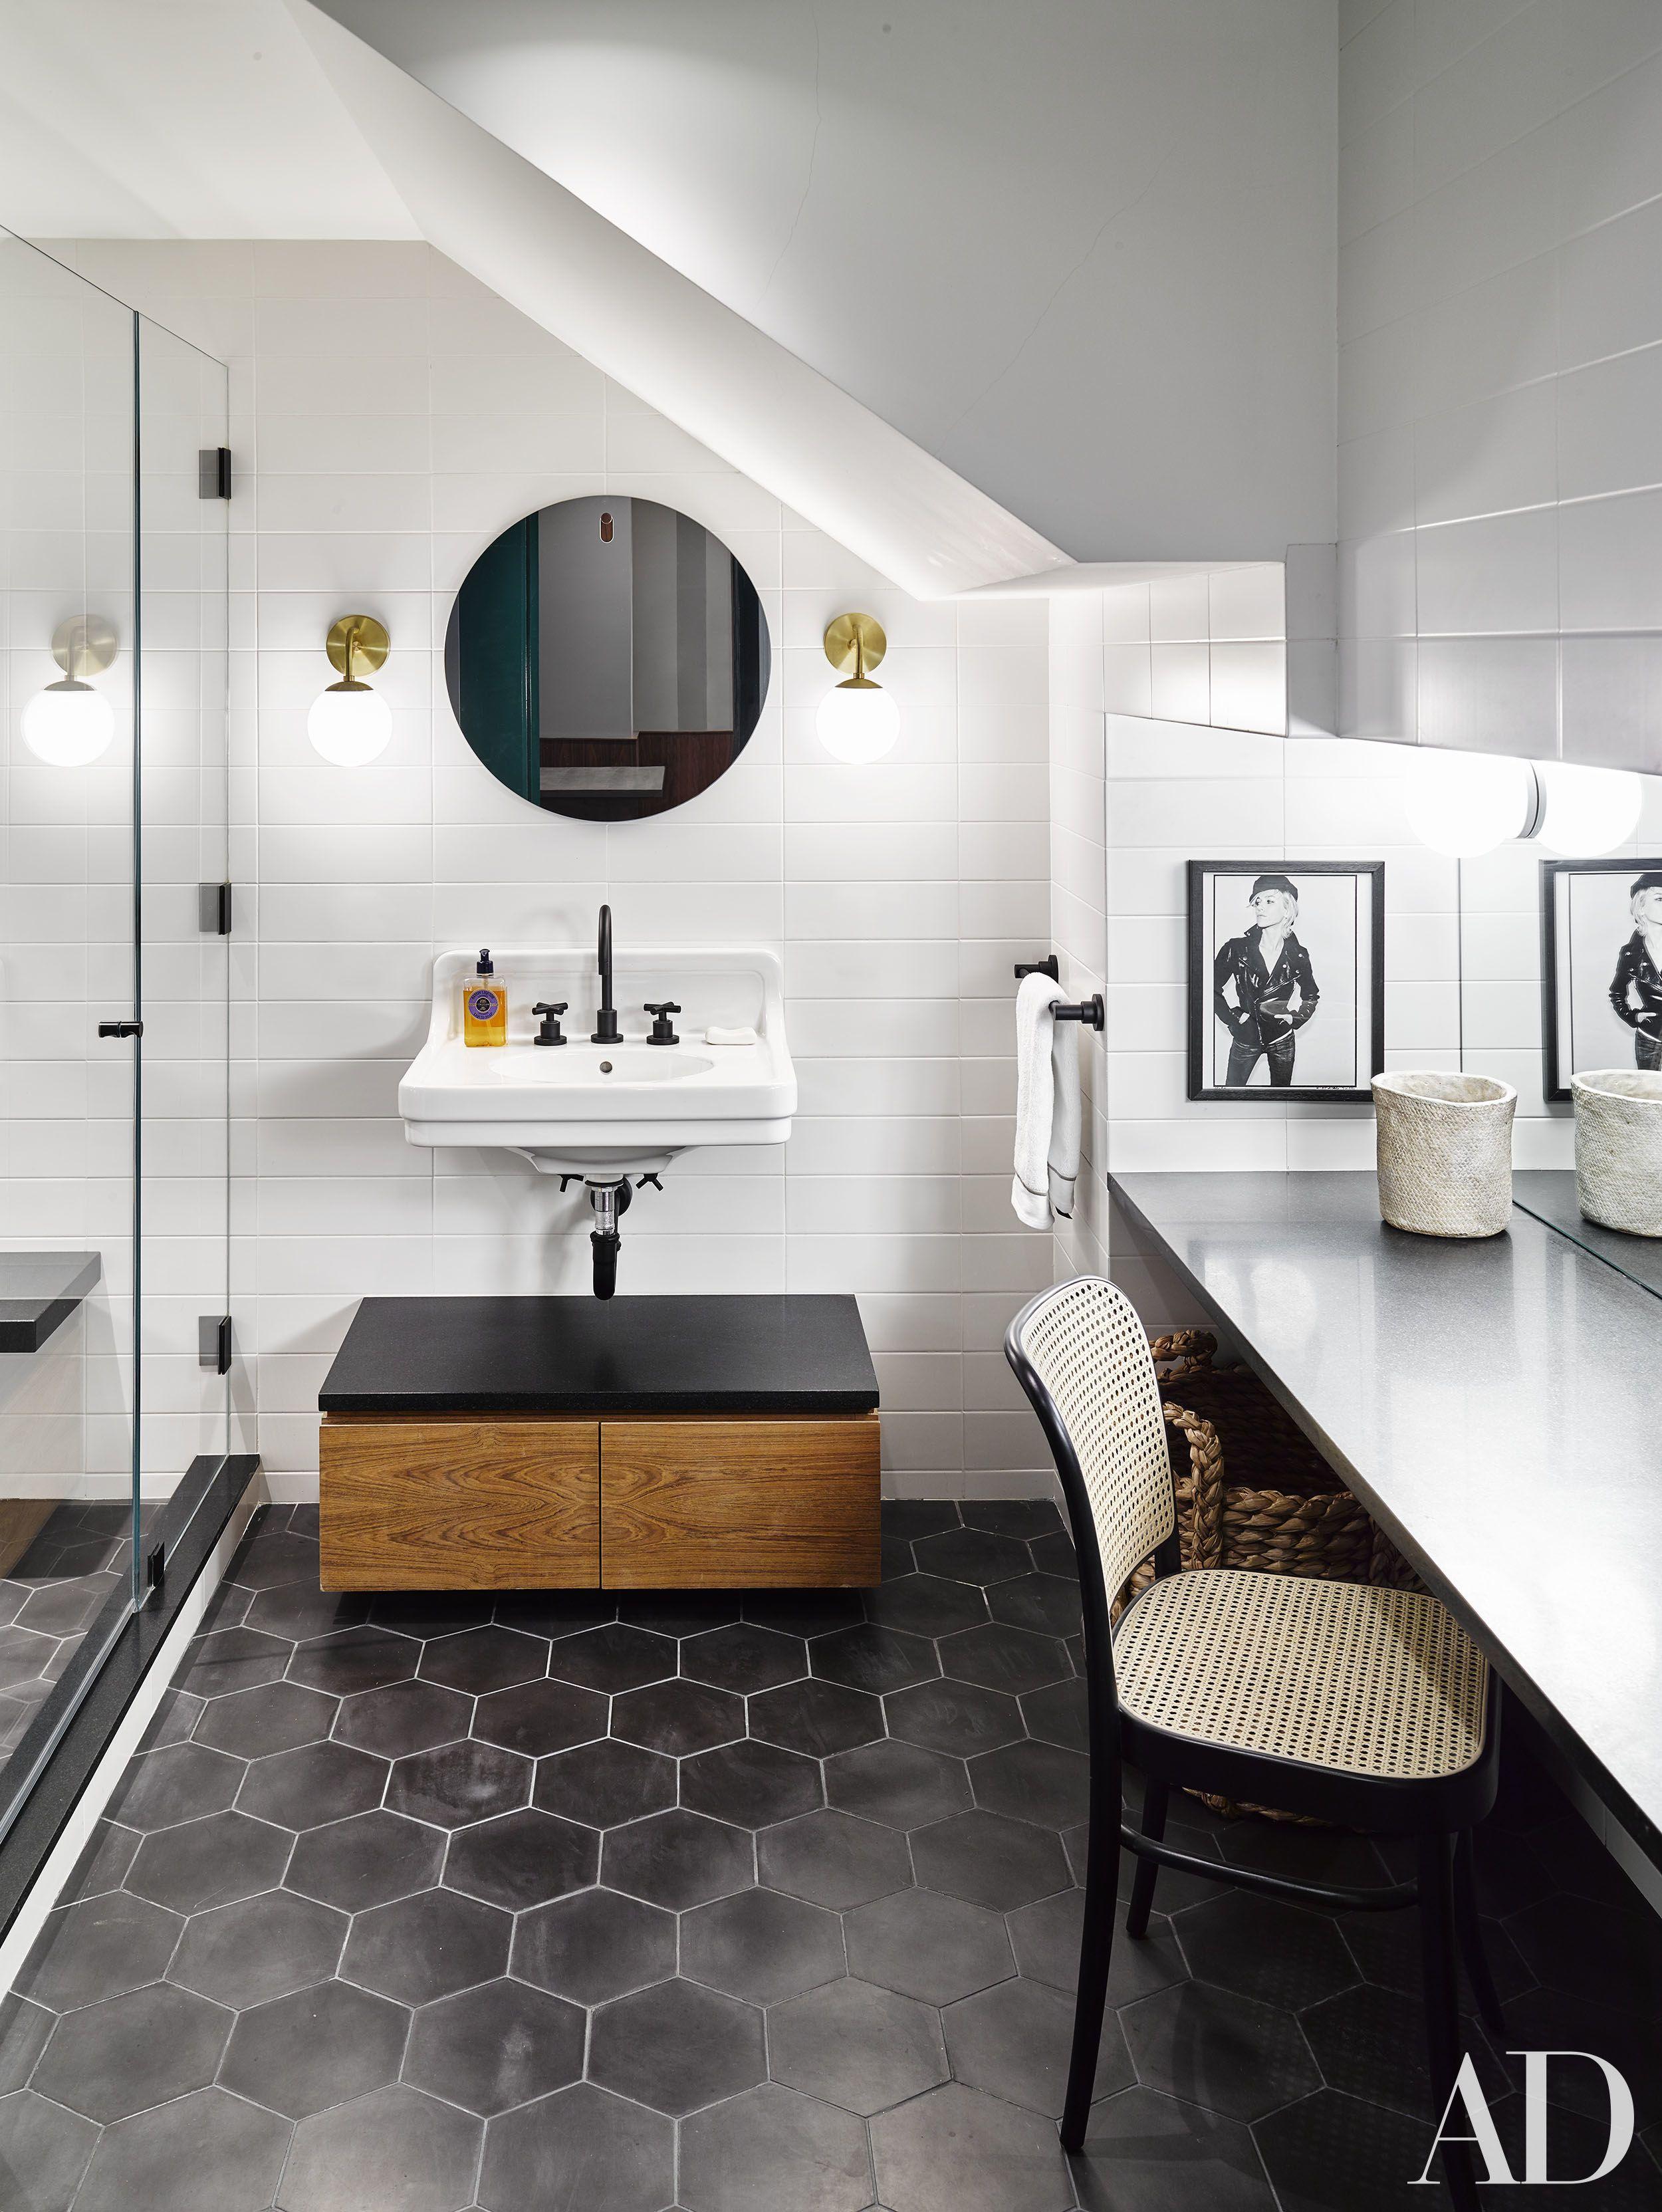 naomi watts and liev schreiber s stunning new york city apartment naomi watts and liev schreiber s stunning new york city apartment